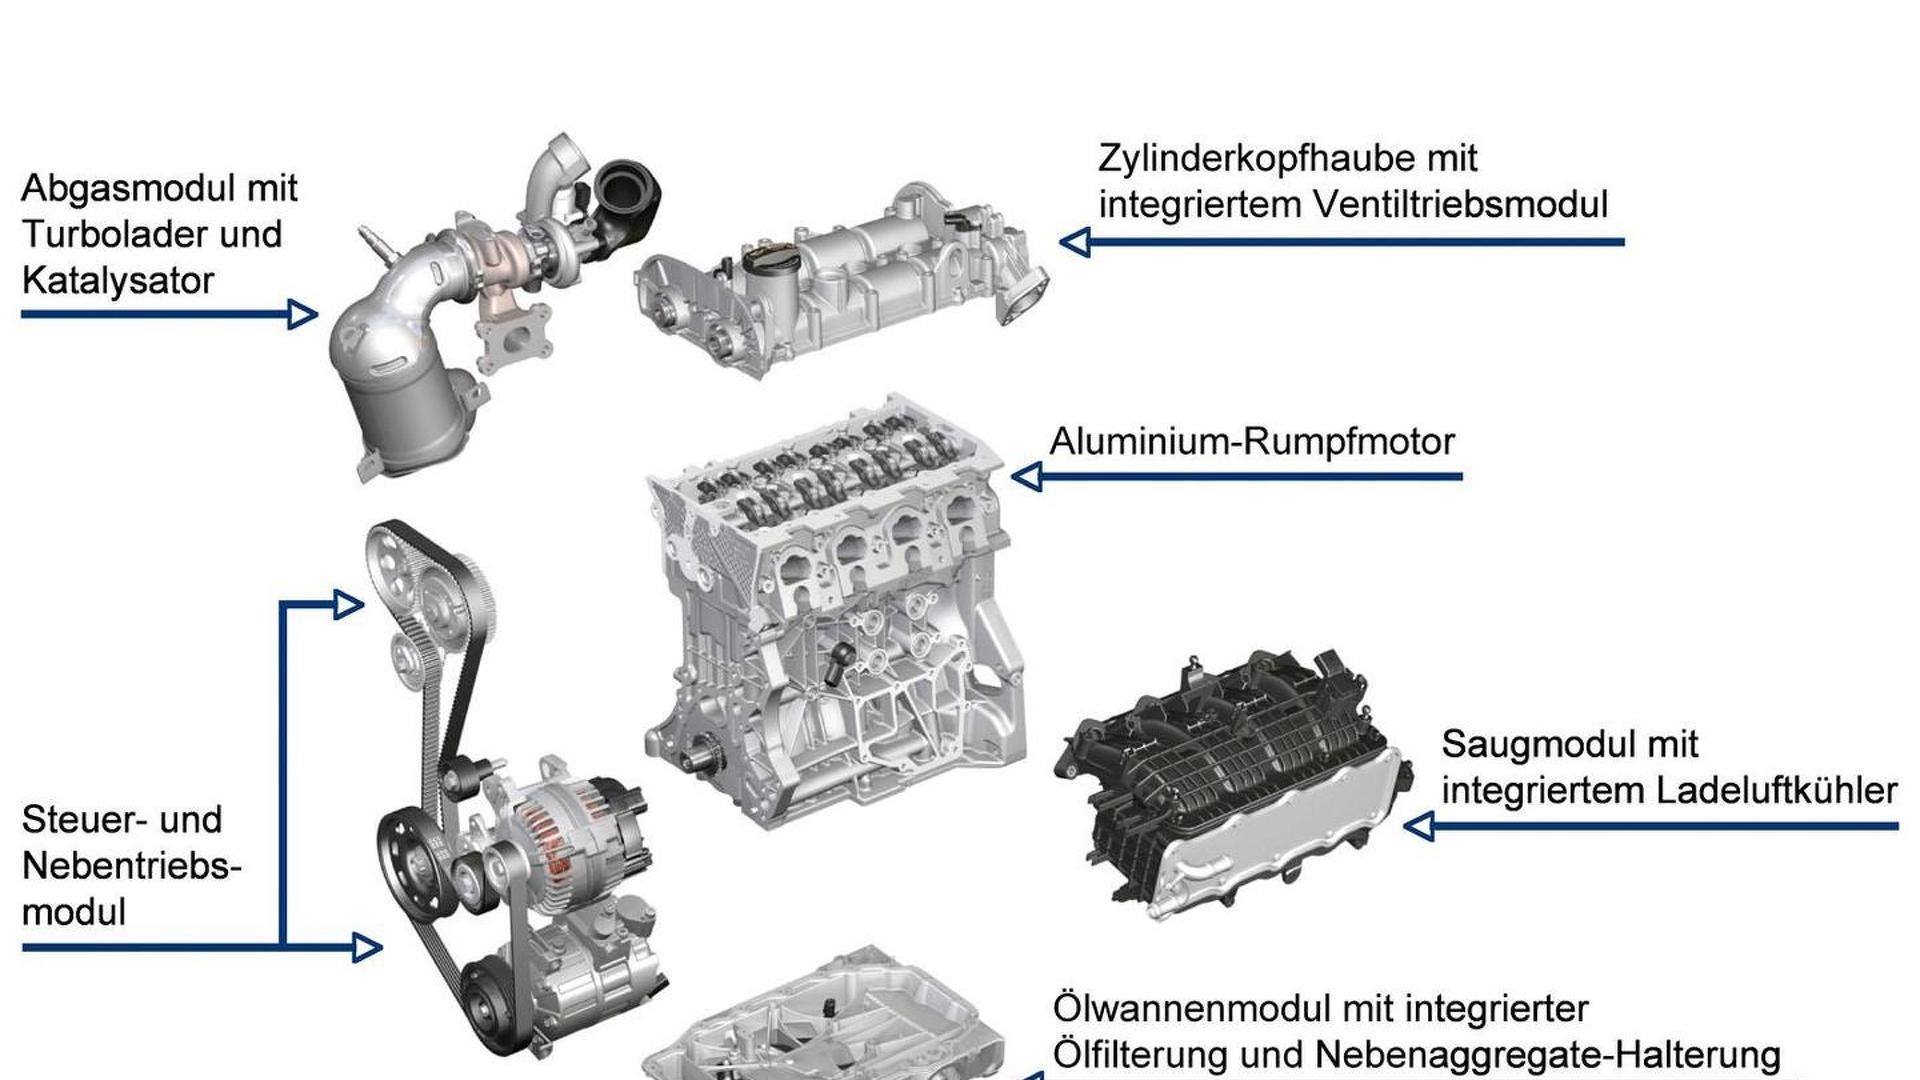 Vag Ea288 Evo Il Nuovo 2 0 Tdi Del Gruppo Volkswagen